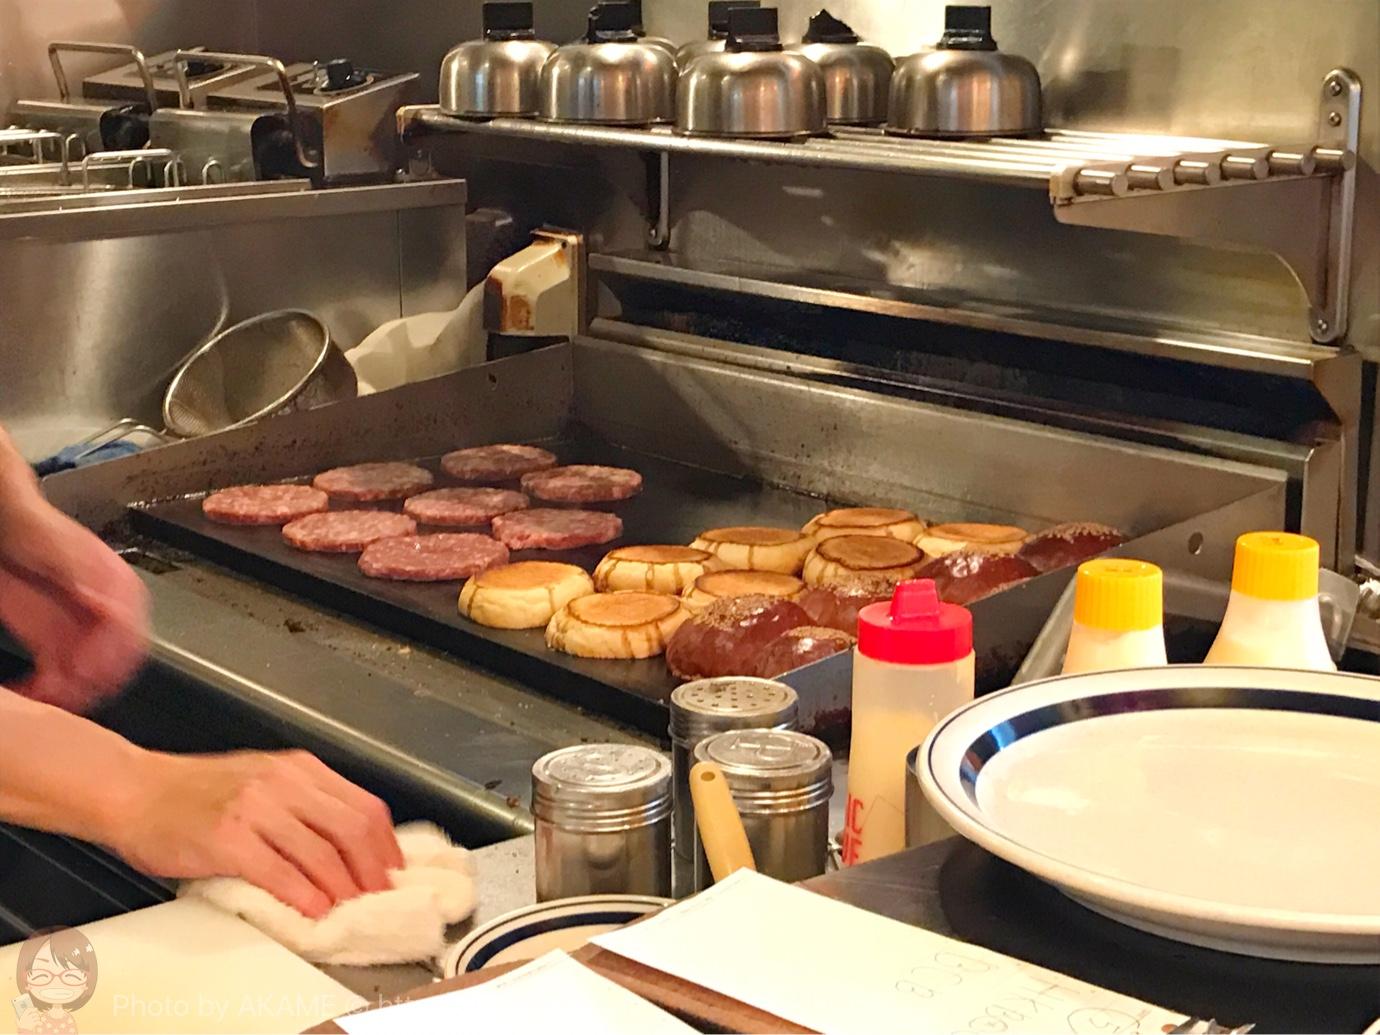 ハンバーガーを作る光景